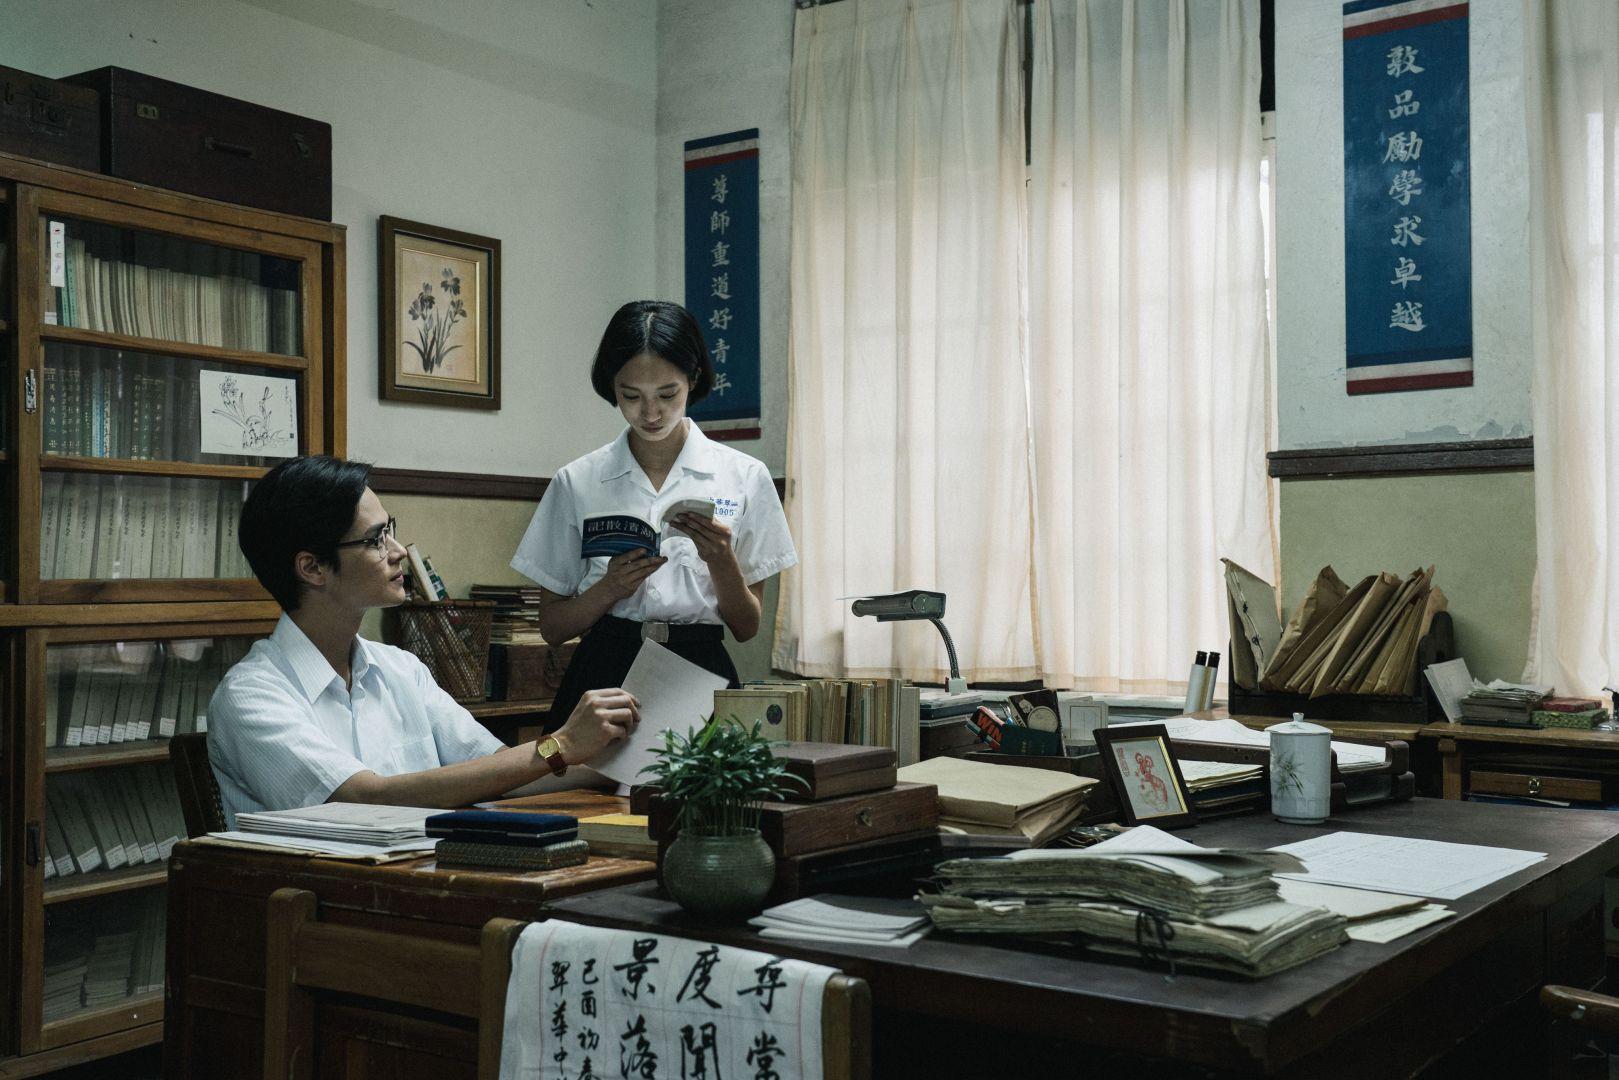 夏騰宏(左)與韓寧(右)在影集中分別飾演張老師與方學姊